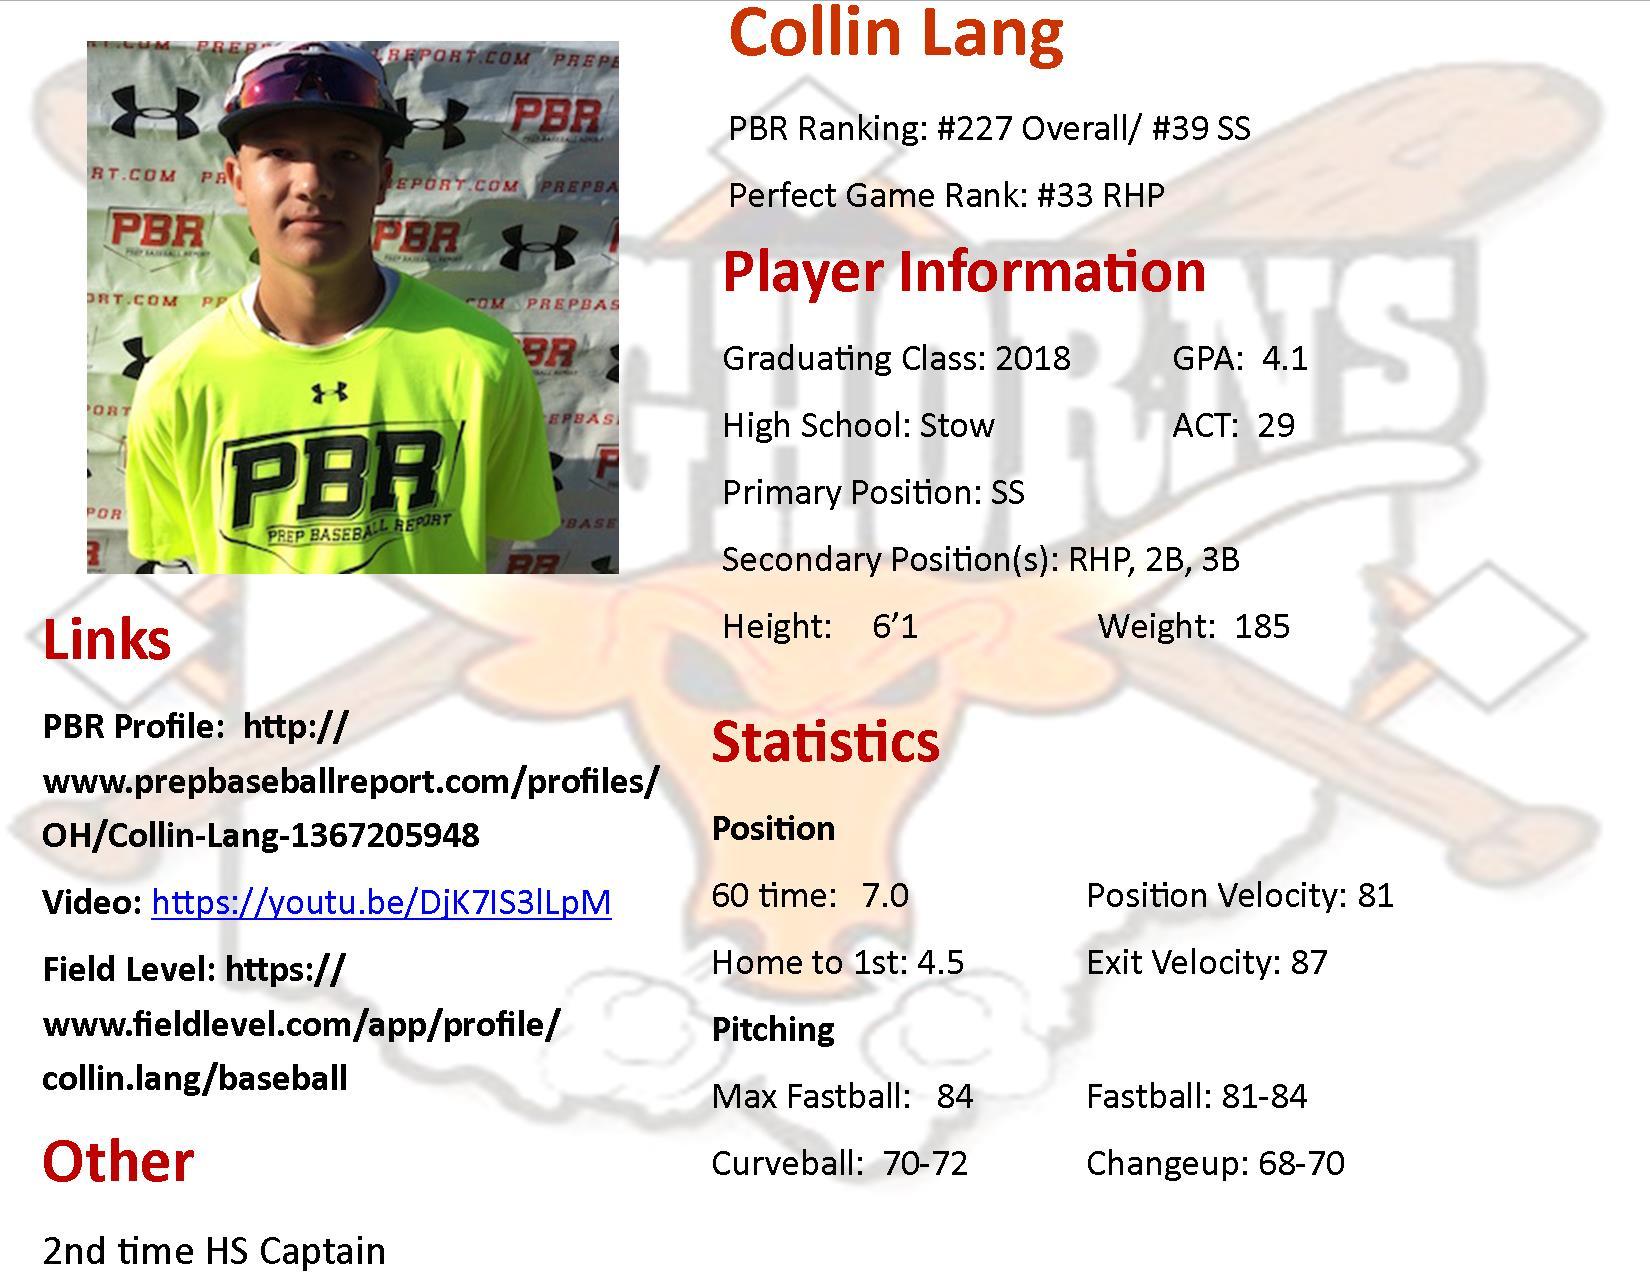 Collin Lang